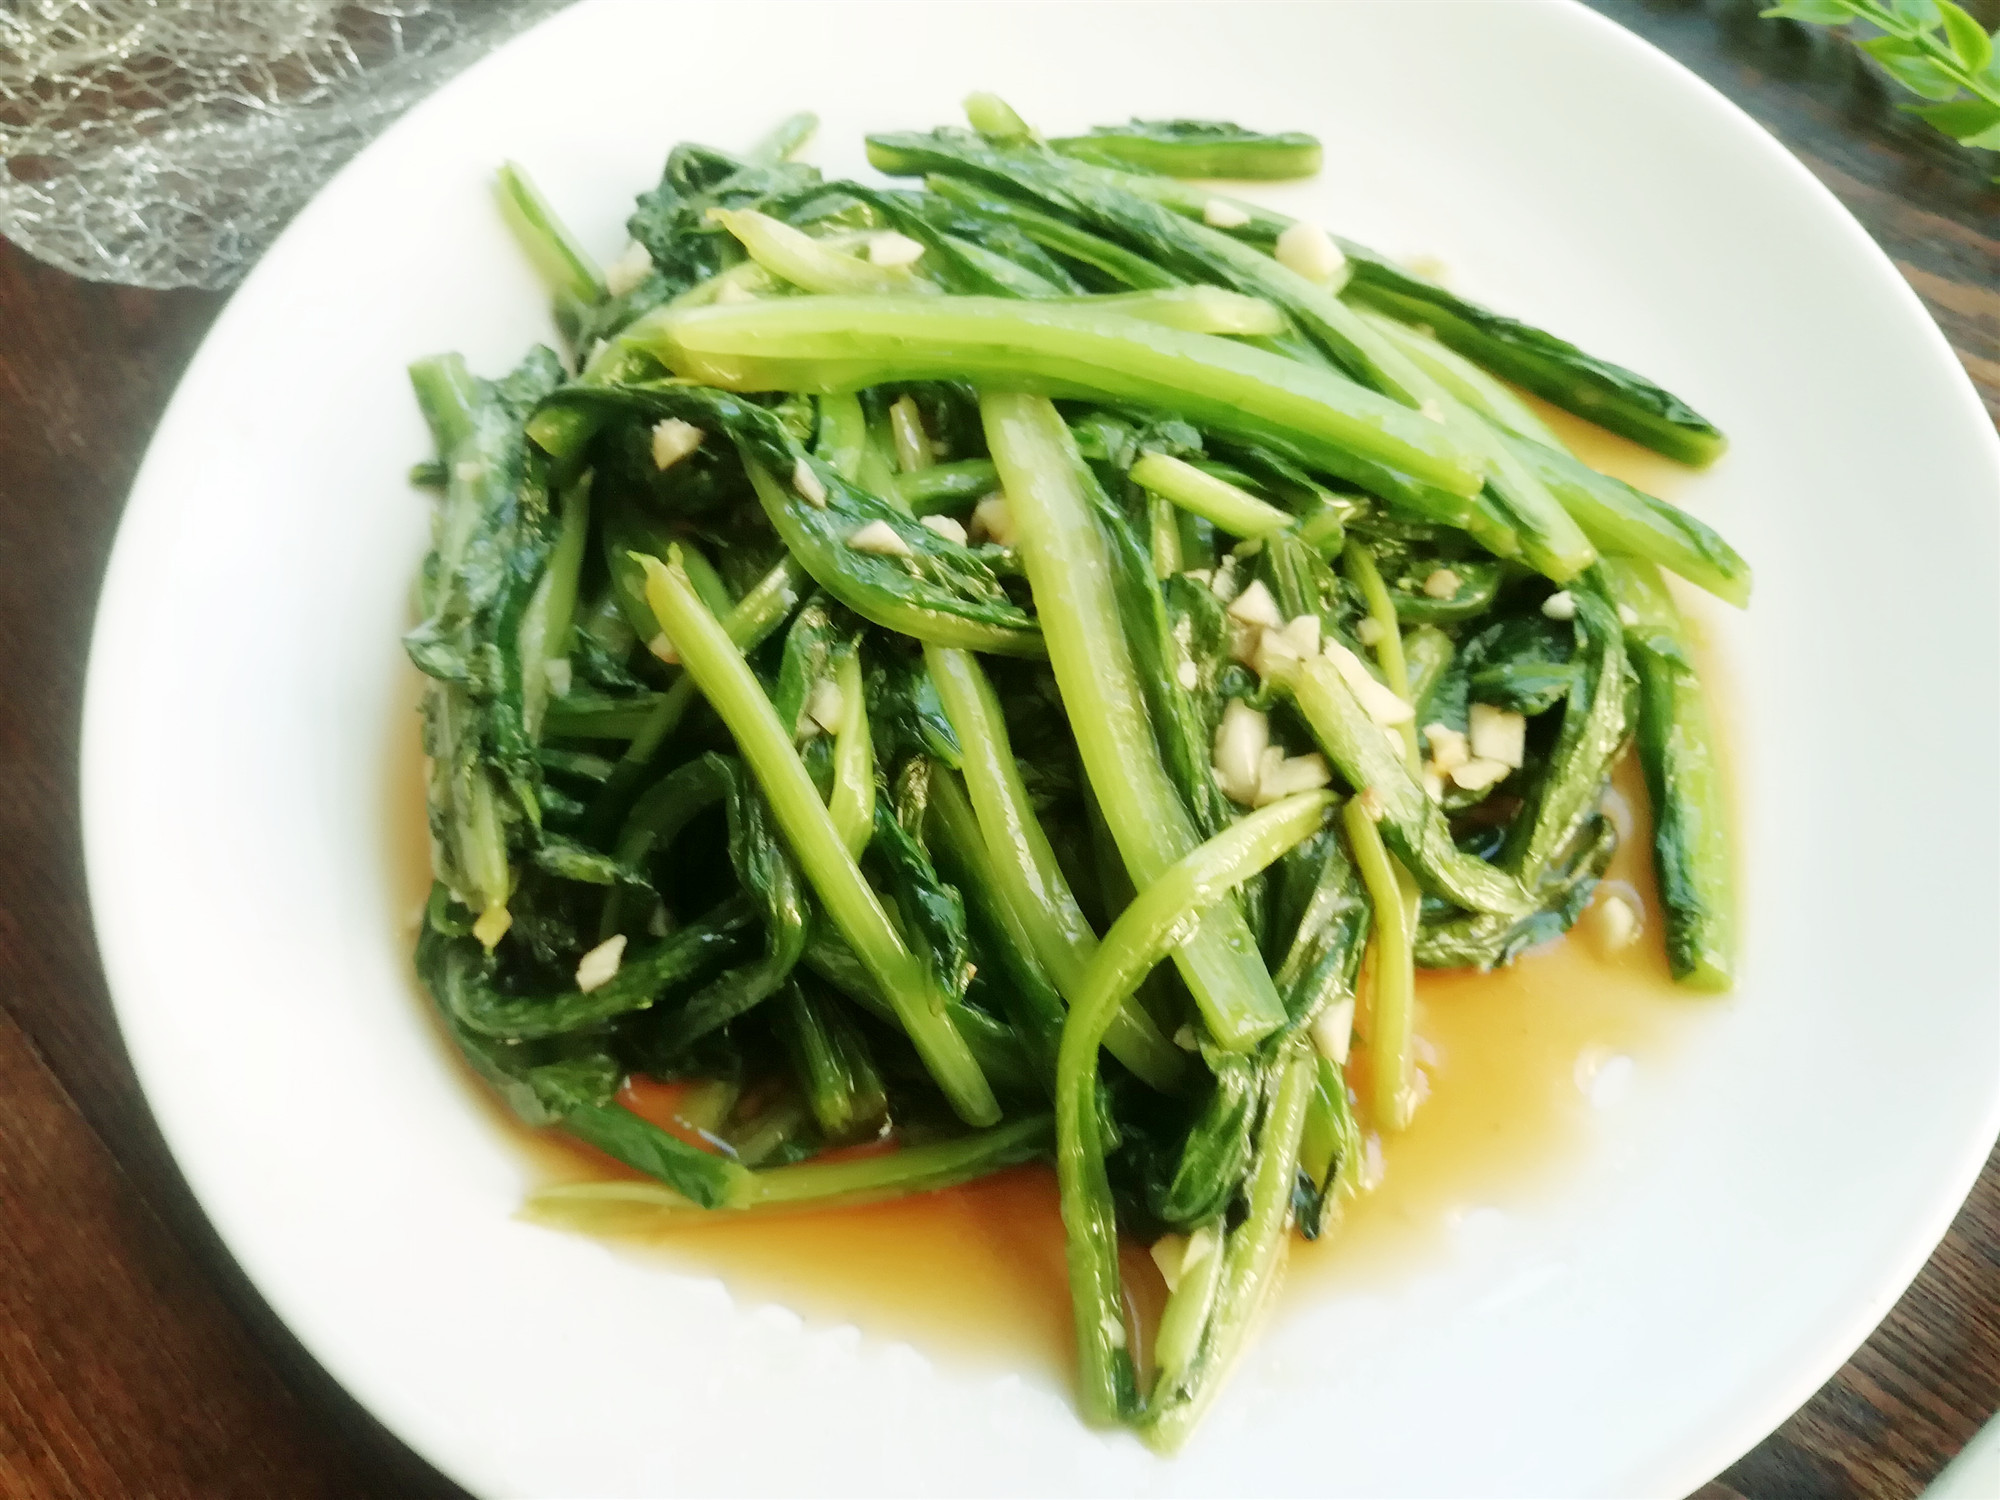 春季容易上火,这个菜特别适合吃,清淡脆嫩,清香润肺(图2)